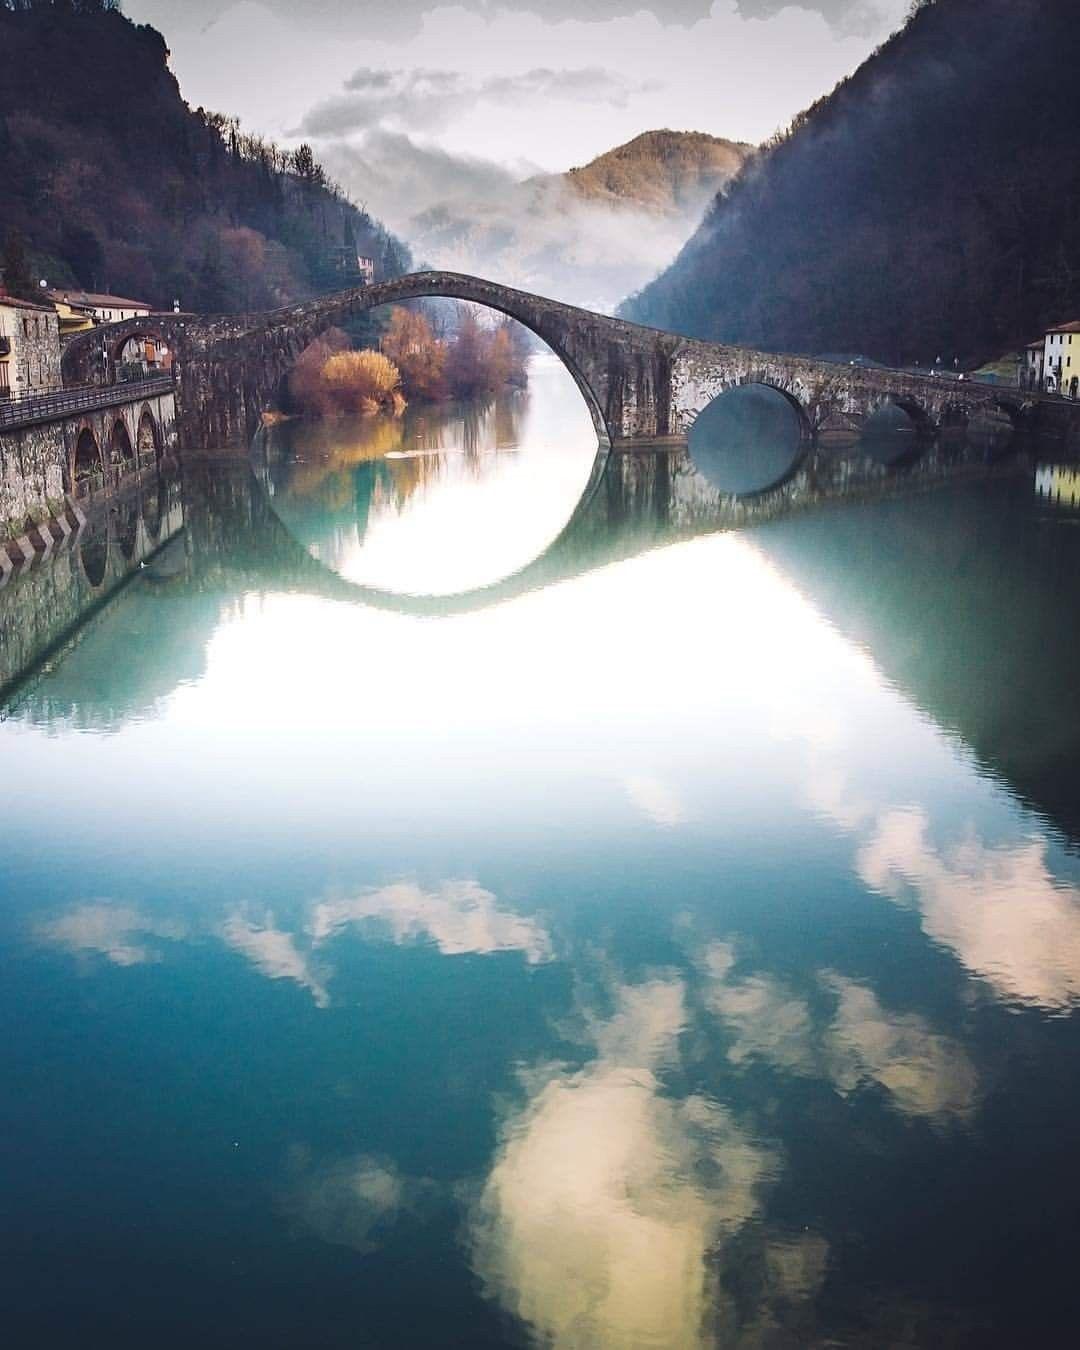 Мост Дьявола XI века в итальянской коммуне Борго-а-Моццано (Тоскана, Лукка)